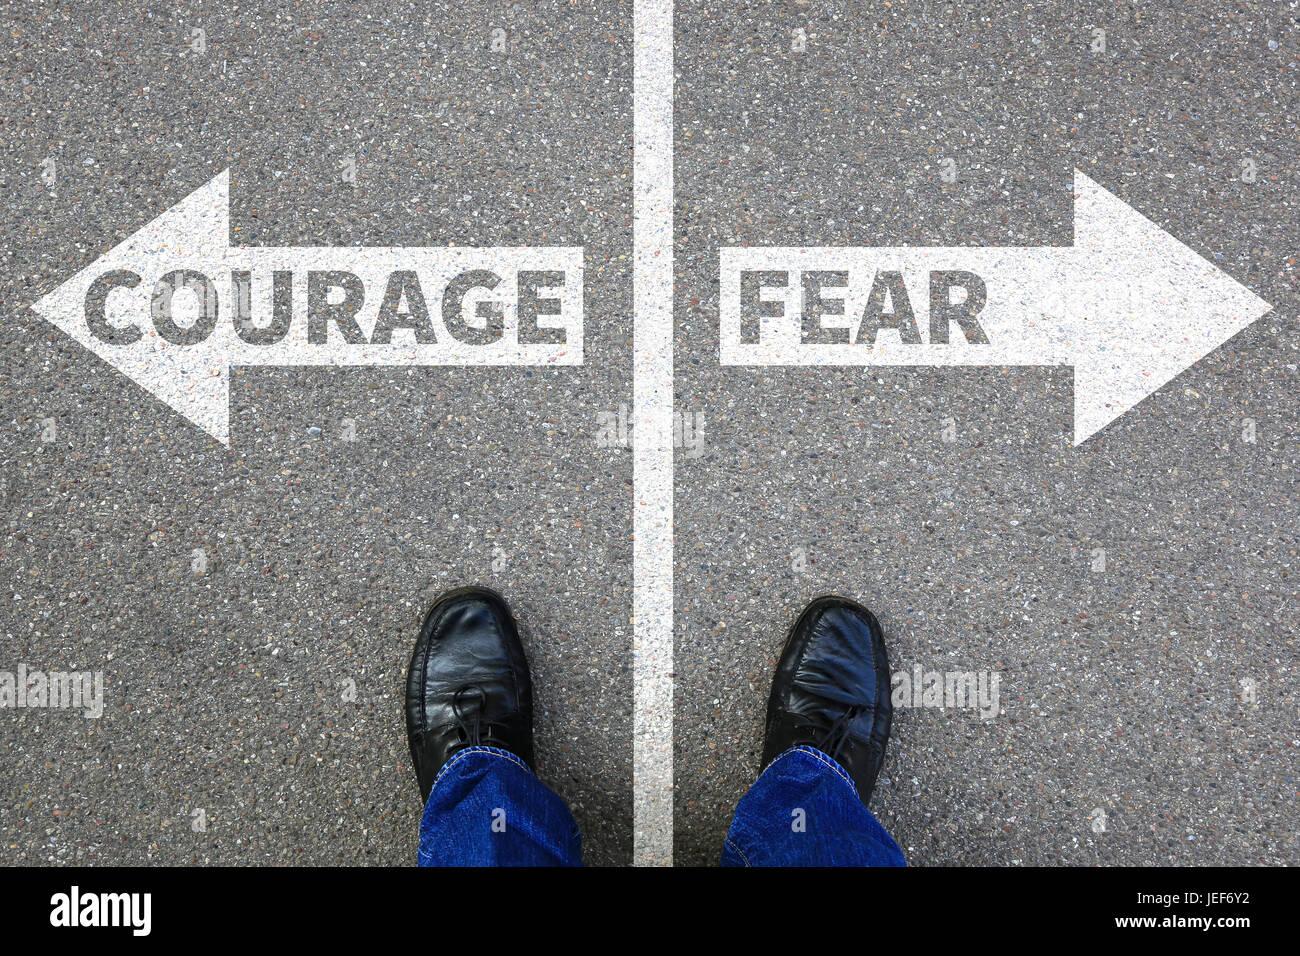 Il coraggio e la paura del rischio futuro di sicurezza la forza forte concetto aziendale pericolo pericoloso Immagini Stock